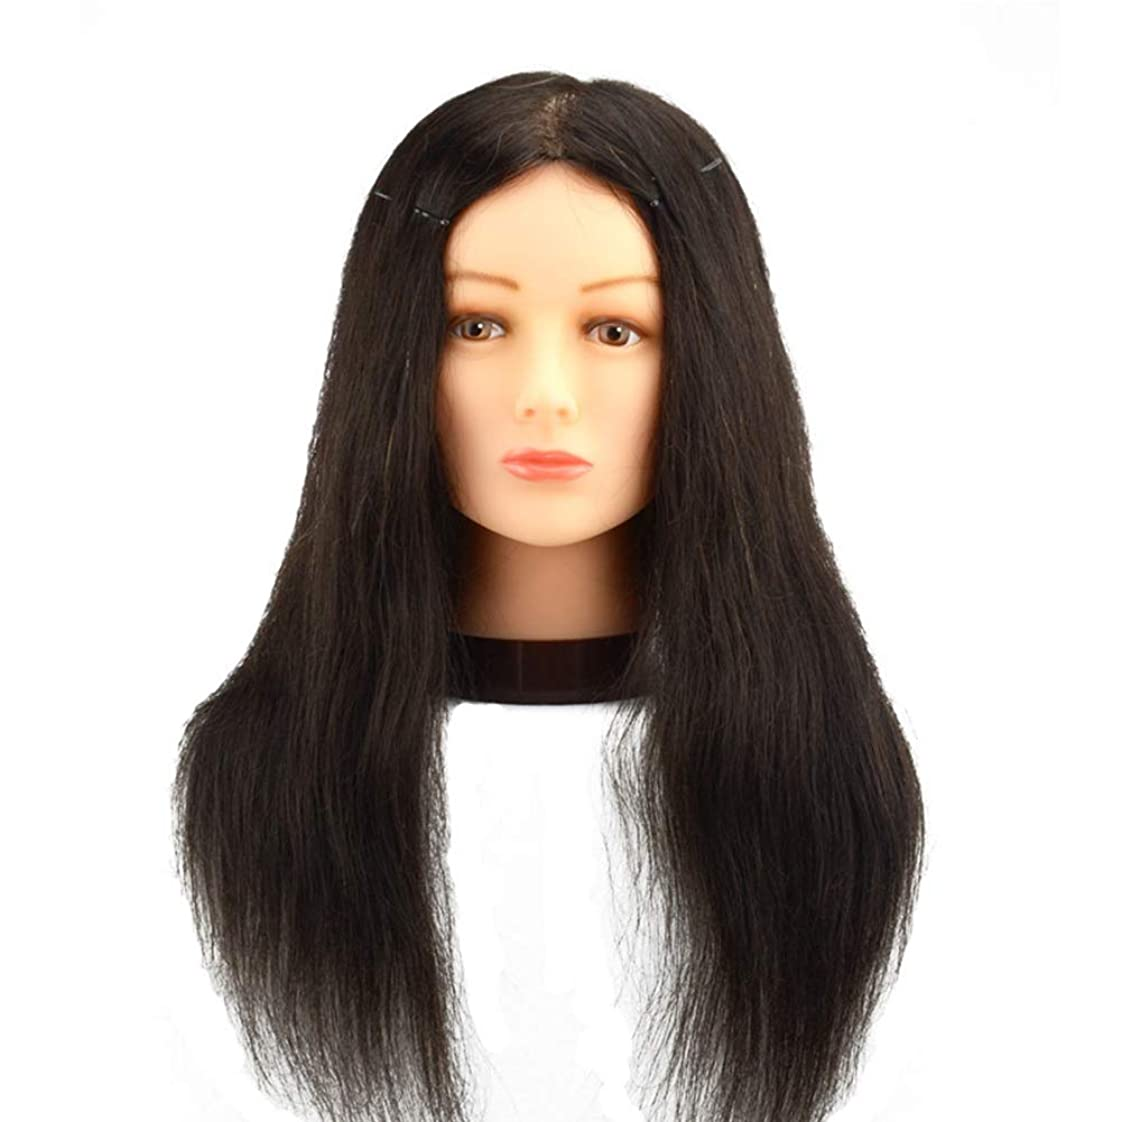 甘美な気分が良いピカリング理髪店パーマ髪染め練習かつらヘッドモデルリアルヘアマネキンヘッド化粧散髪練習ダミーヘッド,20inches